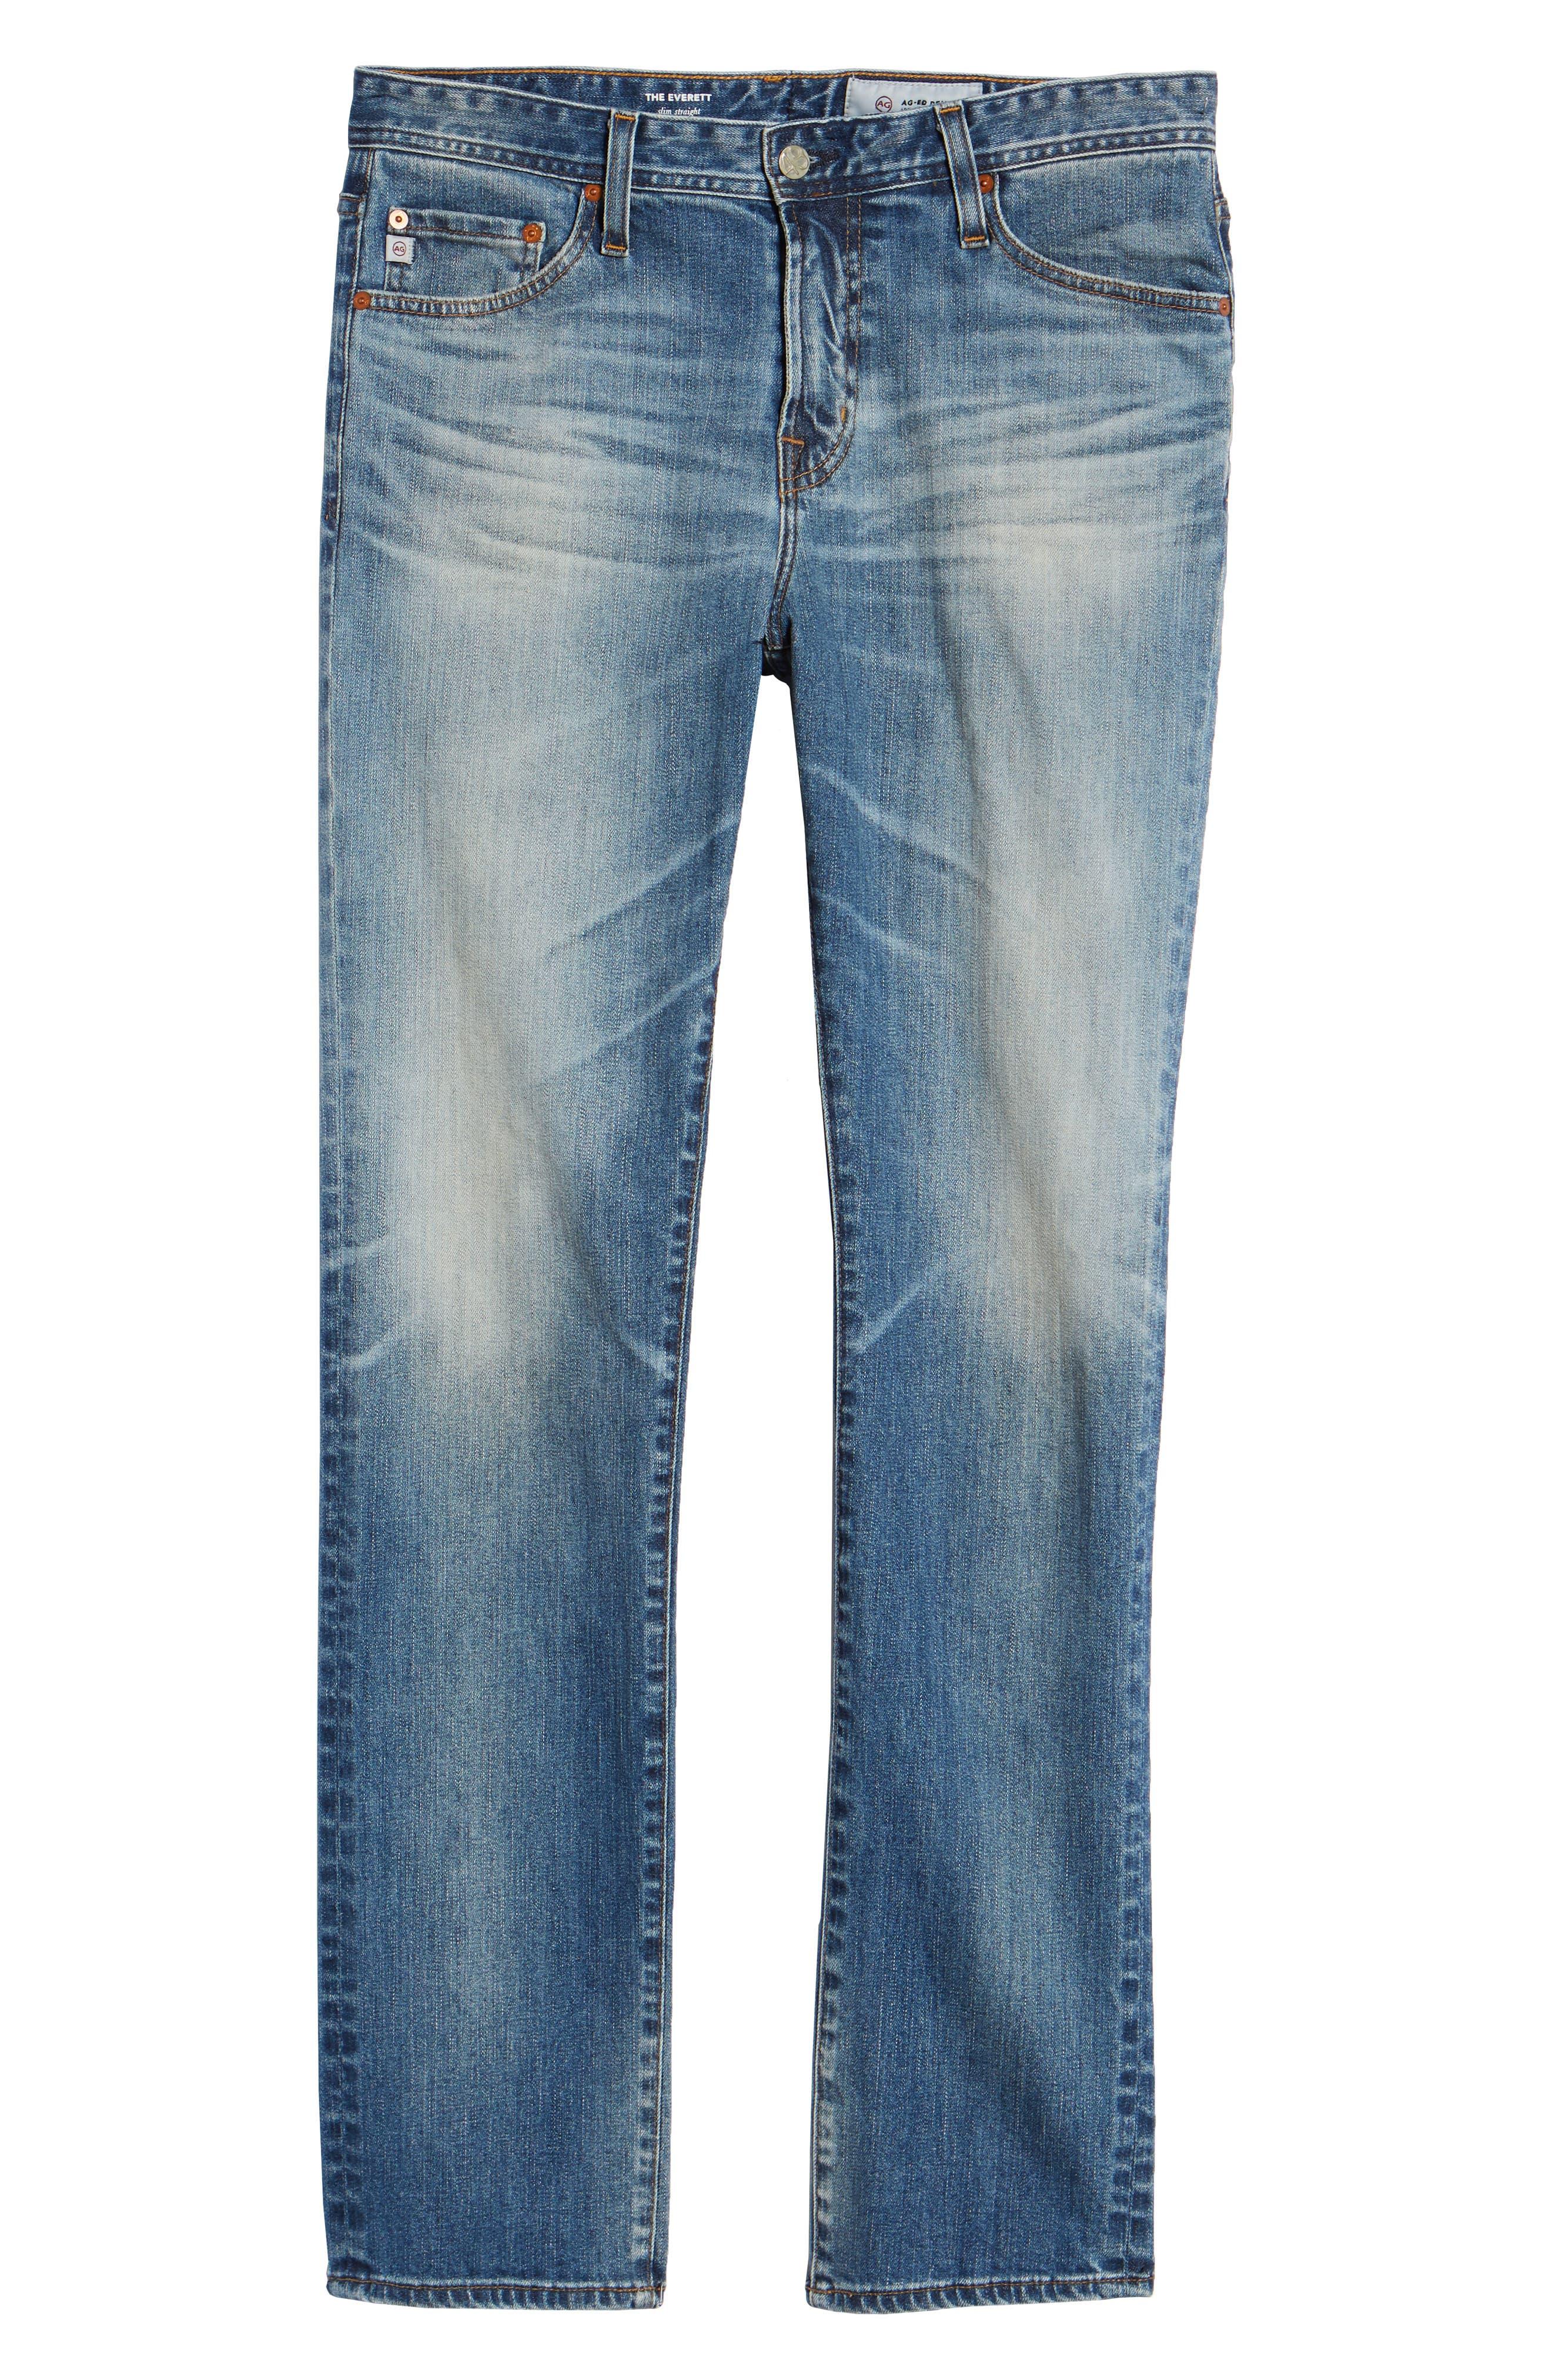 Everett Slim Straight Leg Jeans,                             Alternate thumbnail 6, color,                             21 YEARS SEIZE